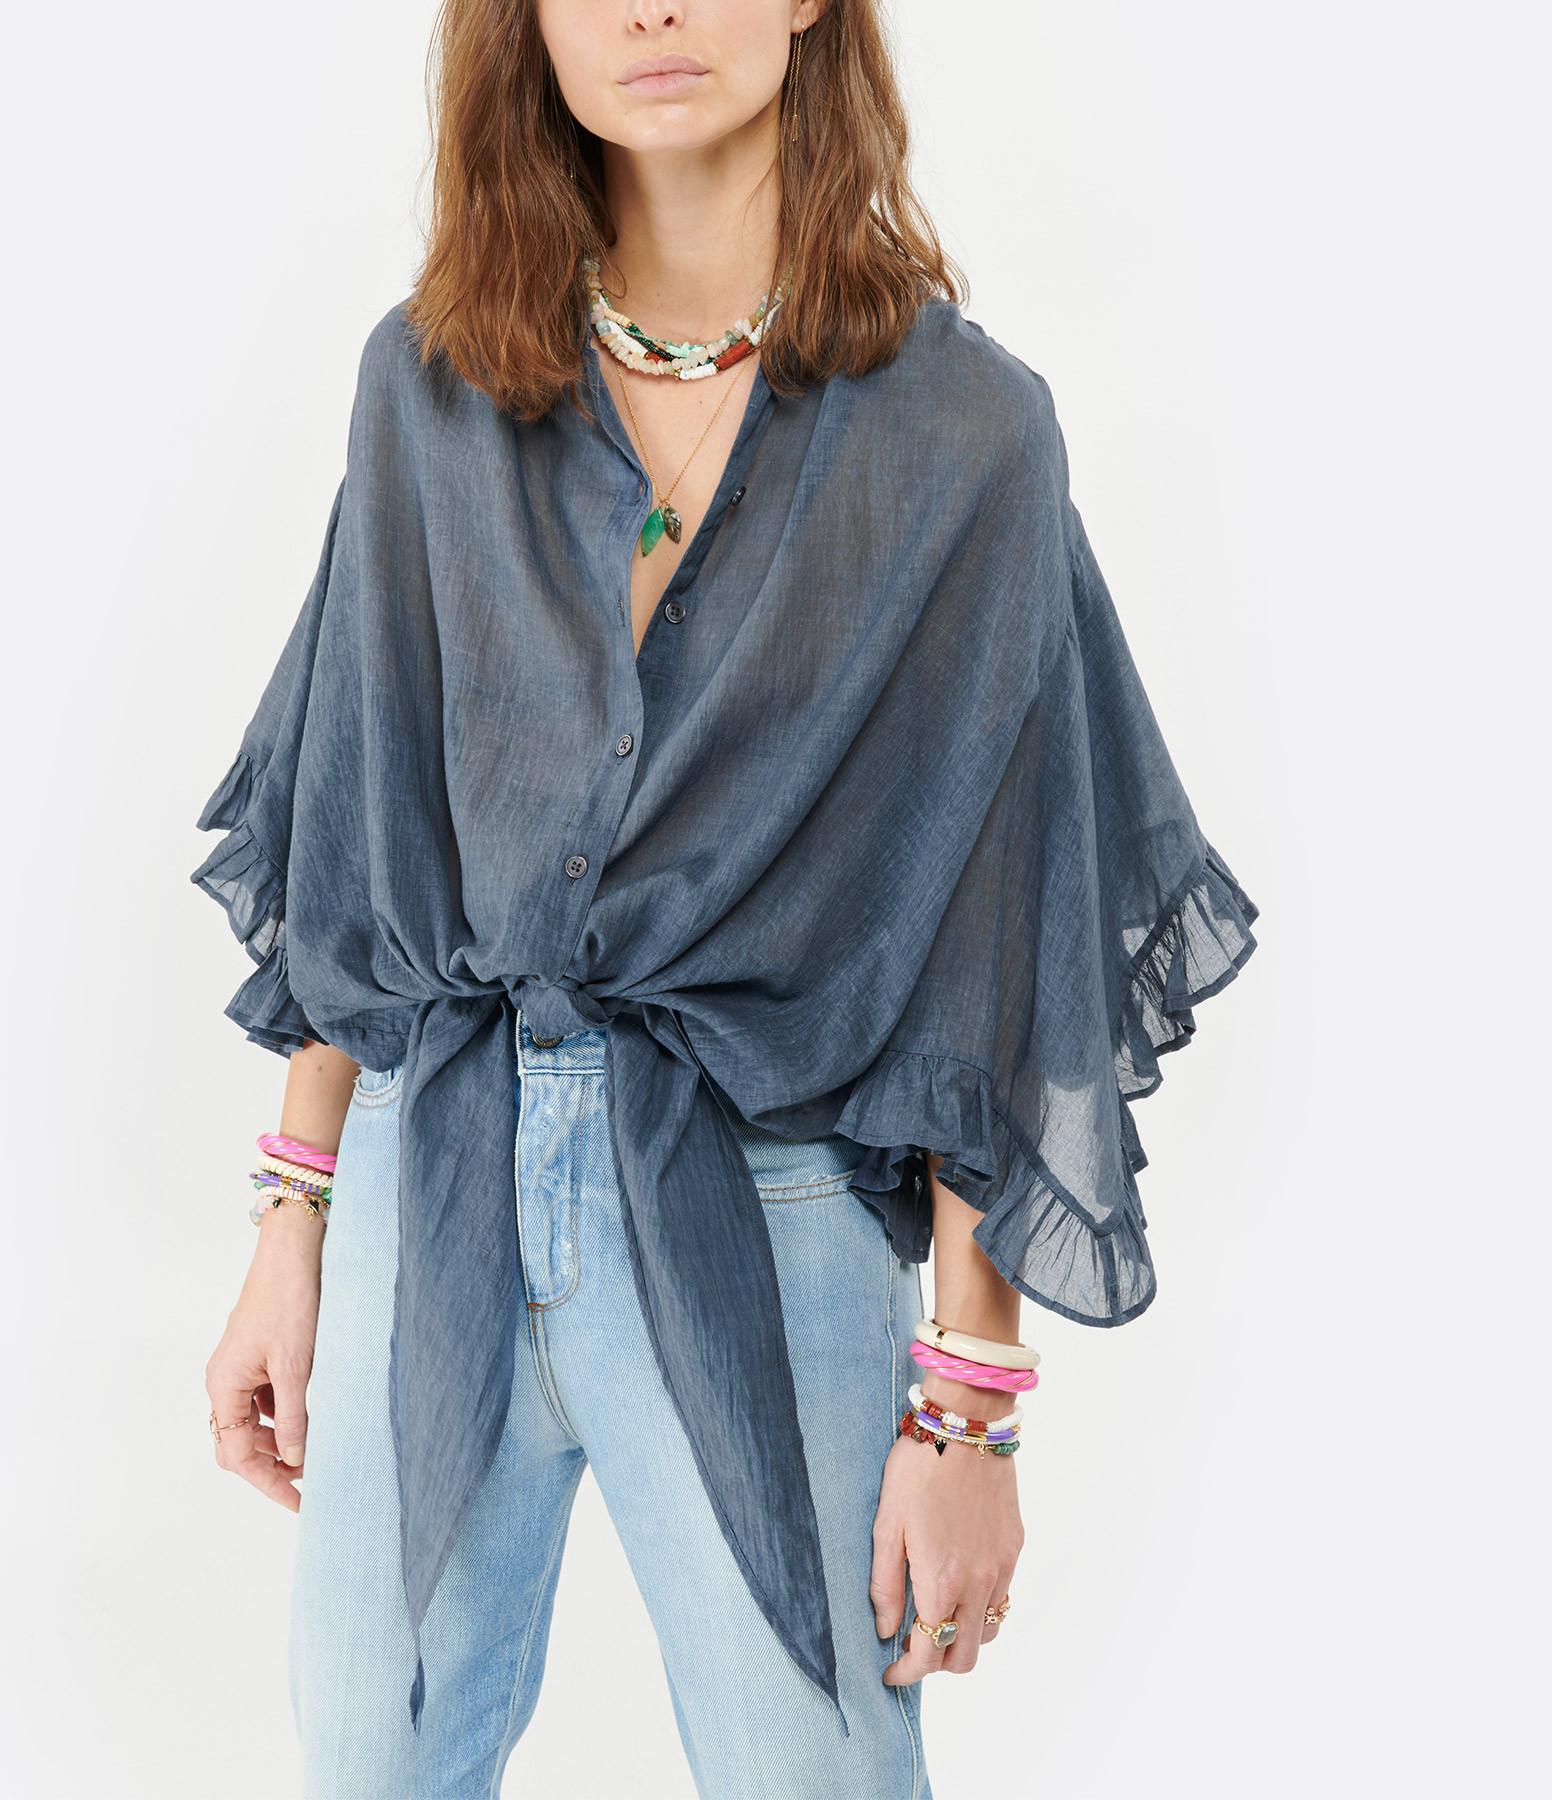 MES DEMOISELLES - Chemise Élégante Coton Bleu